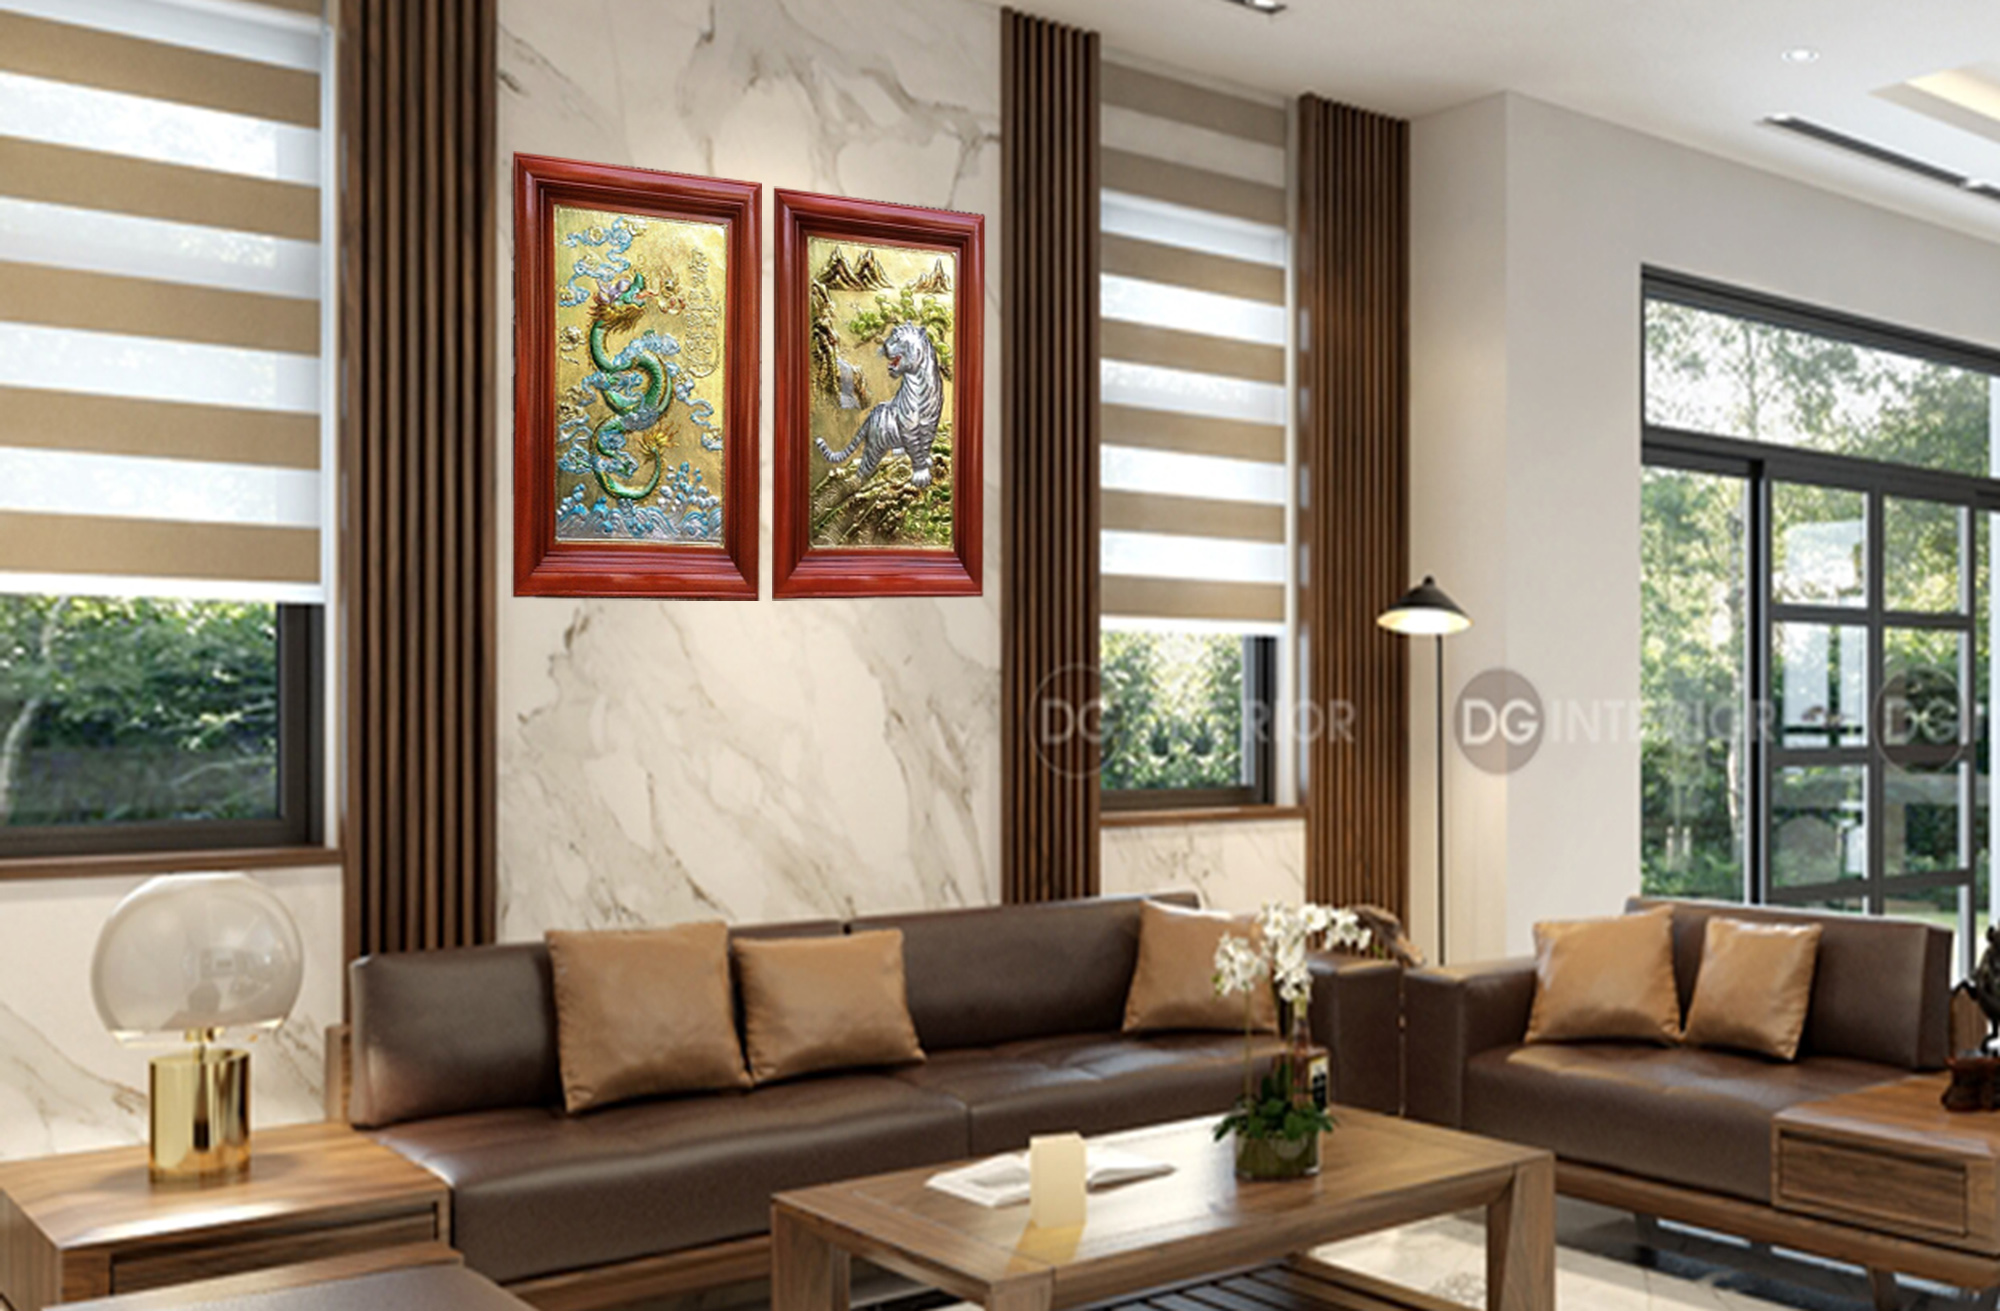 Tranh bằng đồng - Thanh long bạch hổ - TL01 - Malanaz.com Sale